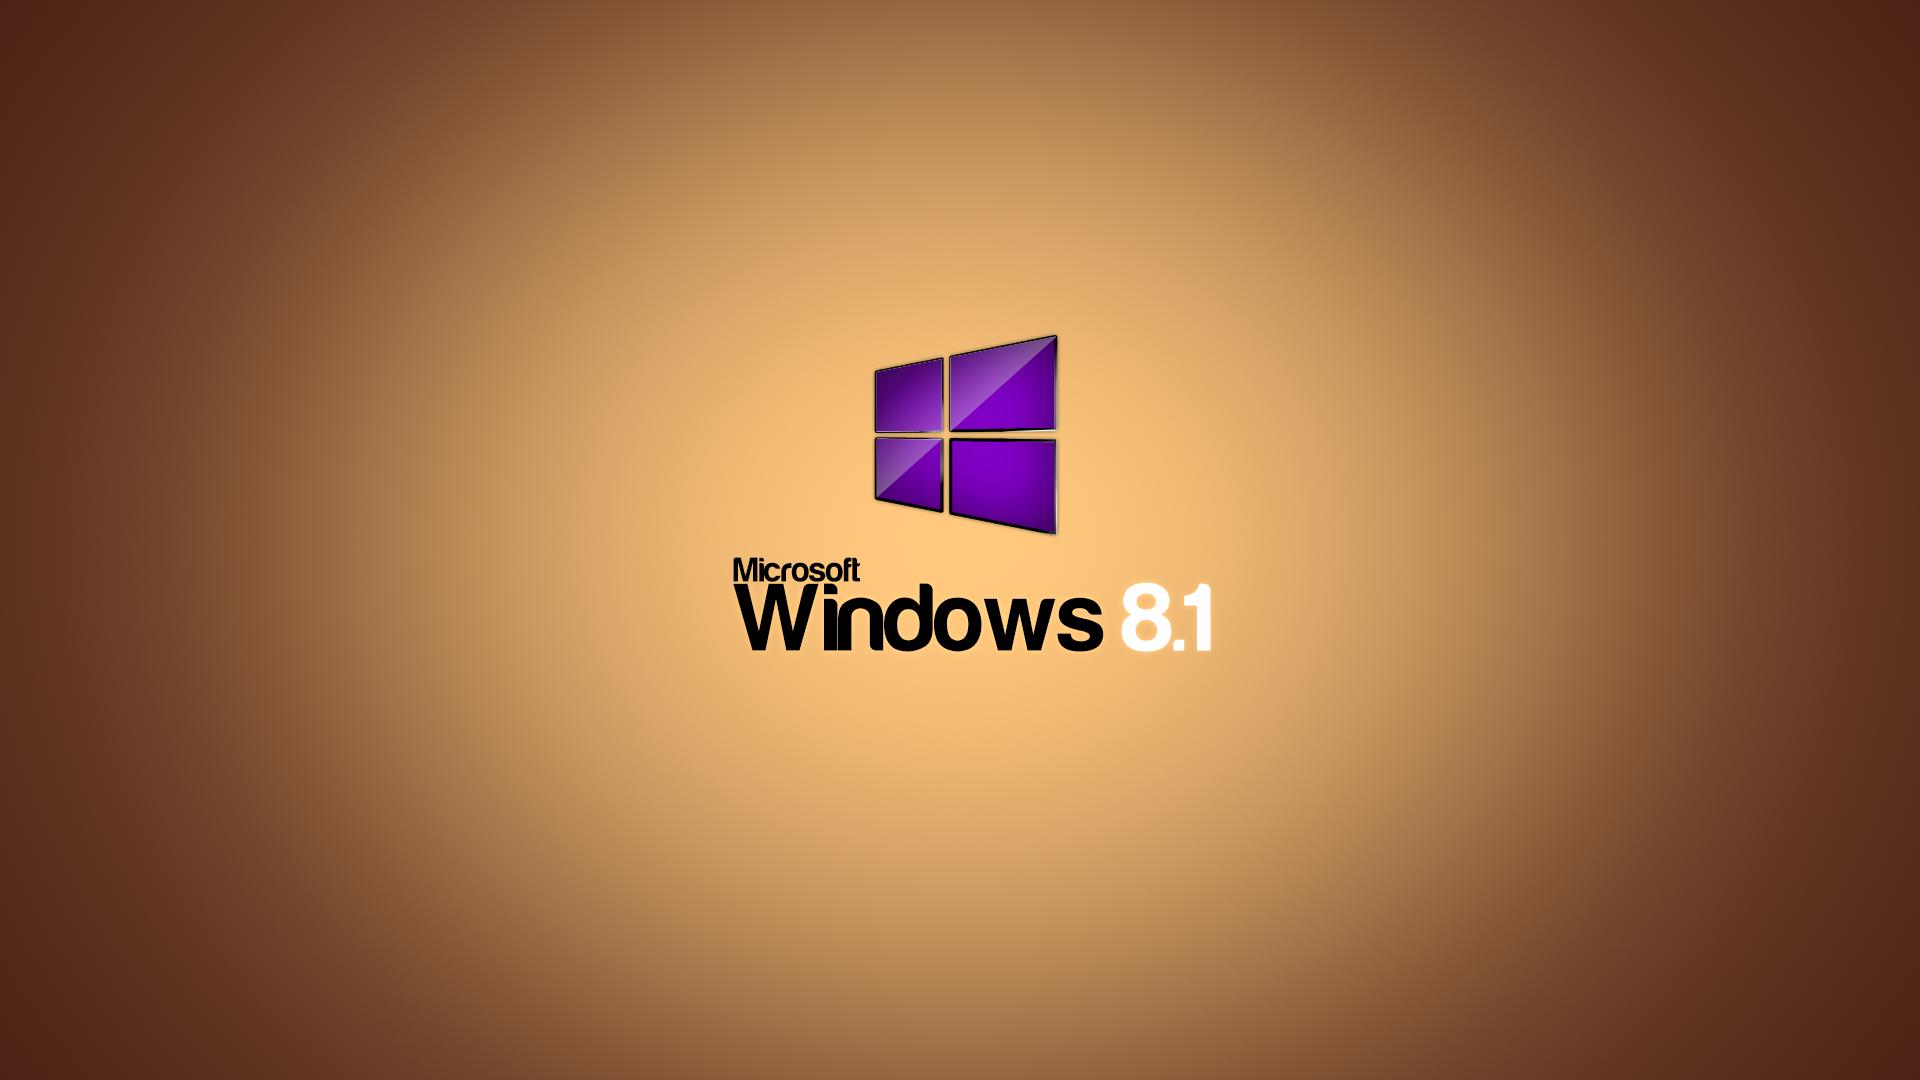 Windows 81 Wallpaper By Karara160 On Deviantart